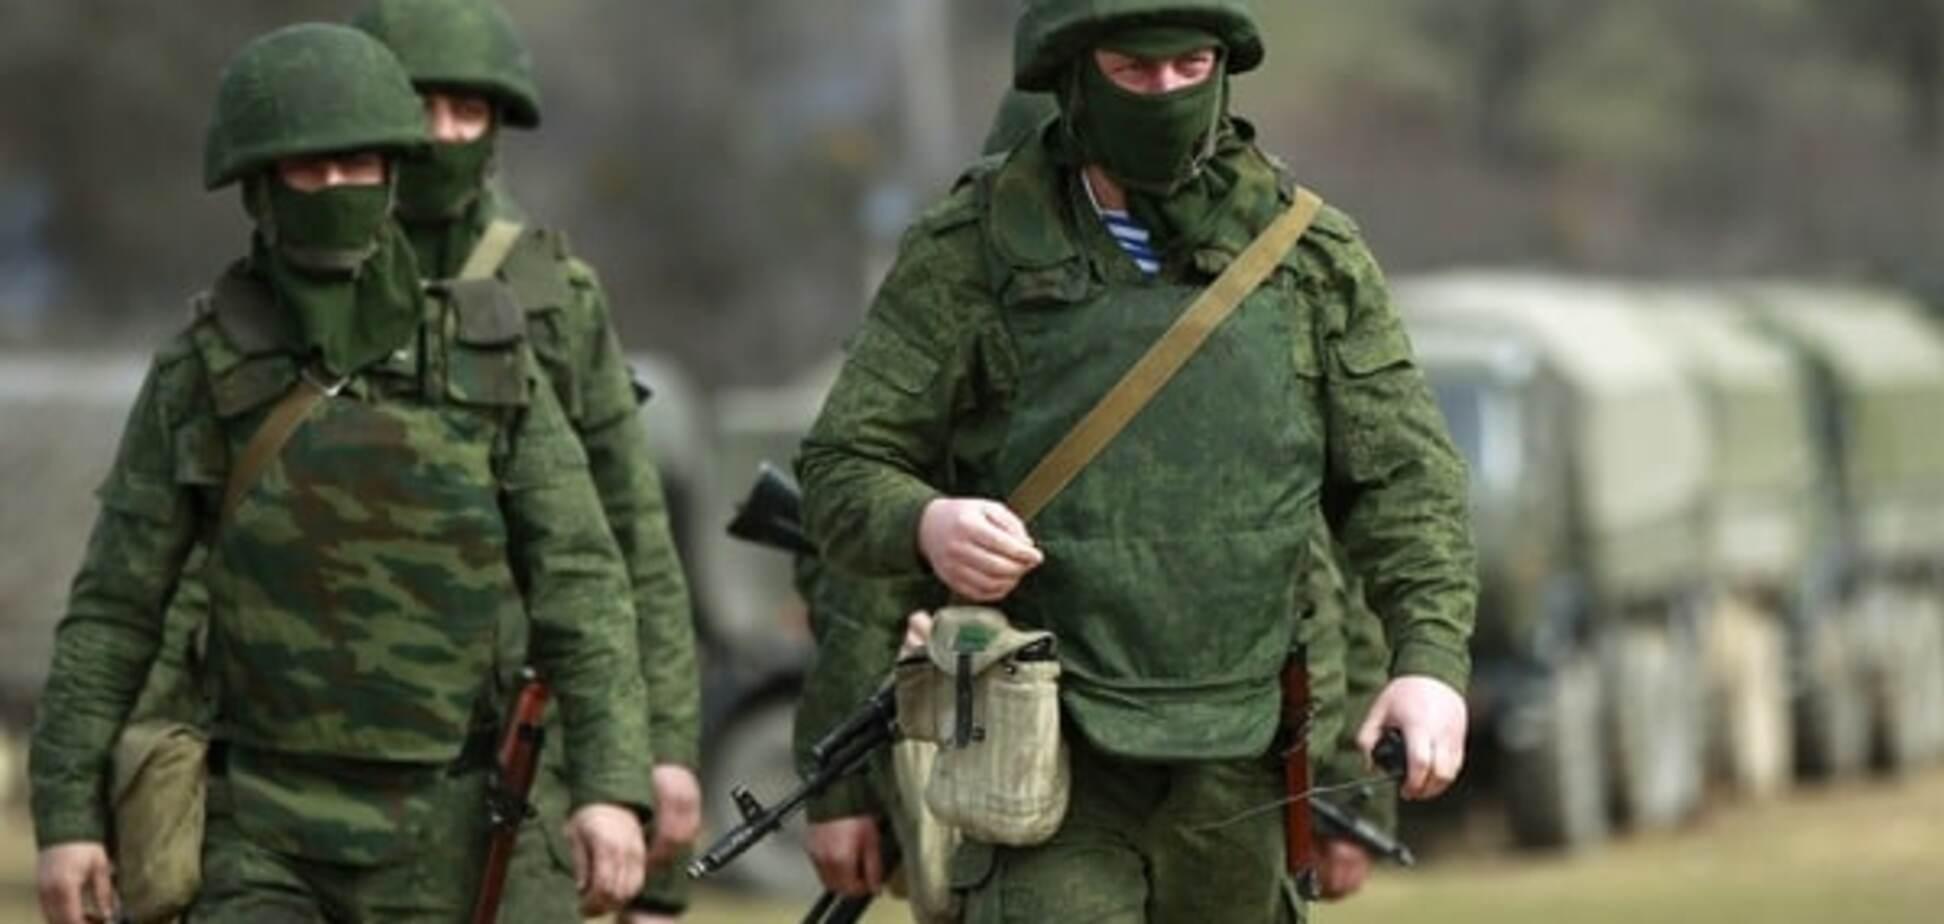 Нежданчик: Путін злякався '20 українських військових у Криму'